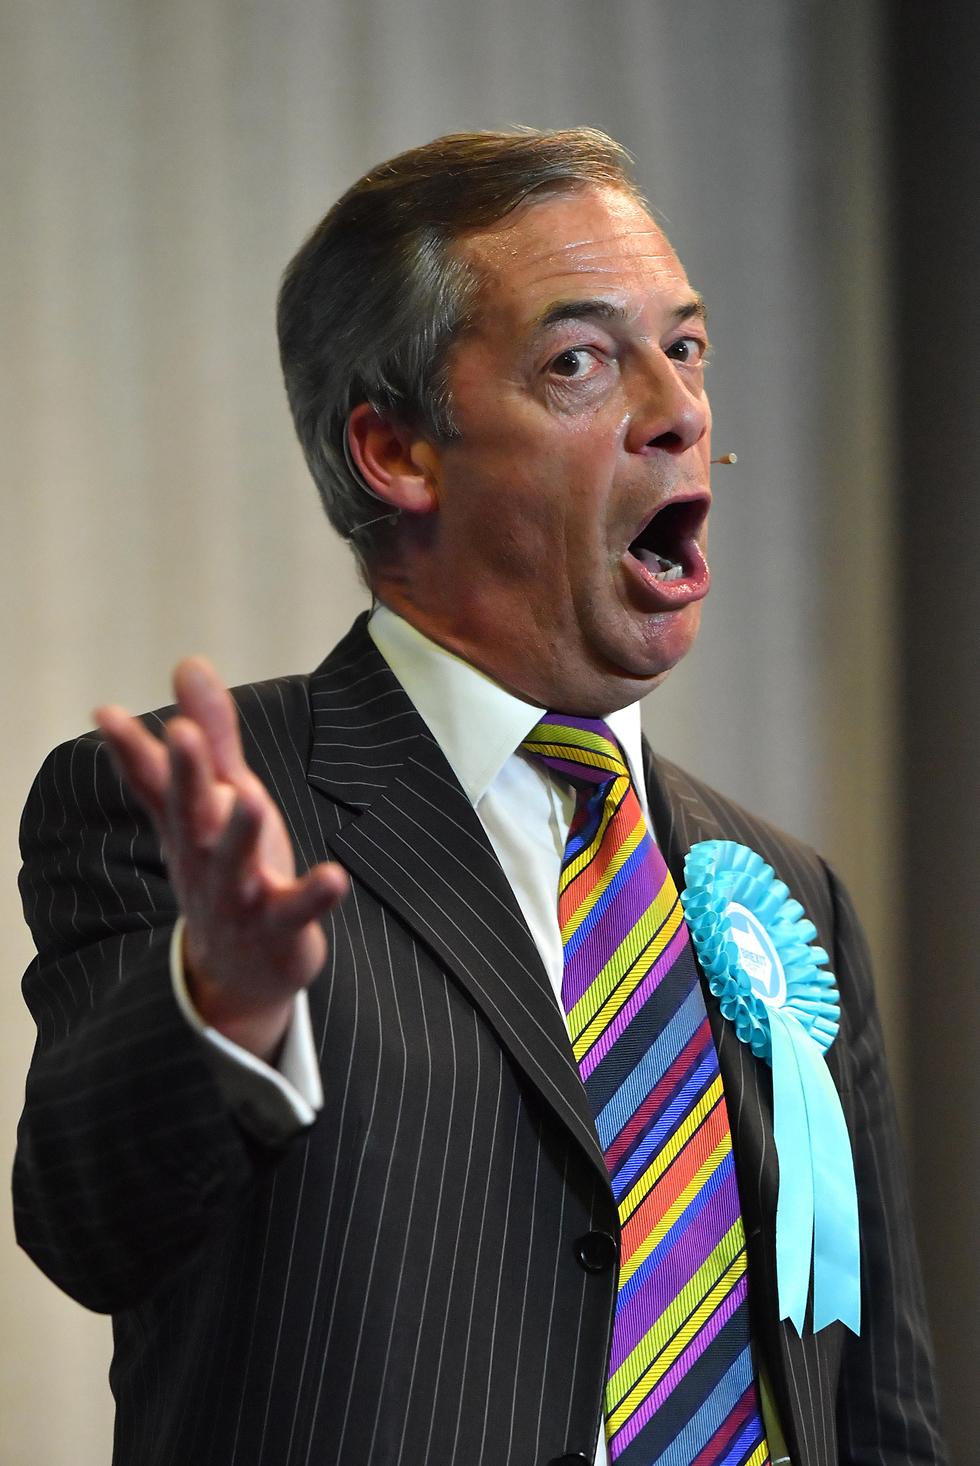 נייג'ל פראג' מפלגת הברקזיט ברקזיט בריטניה בחירות הפרלמנט האירופי (צילום: gettyimages)